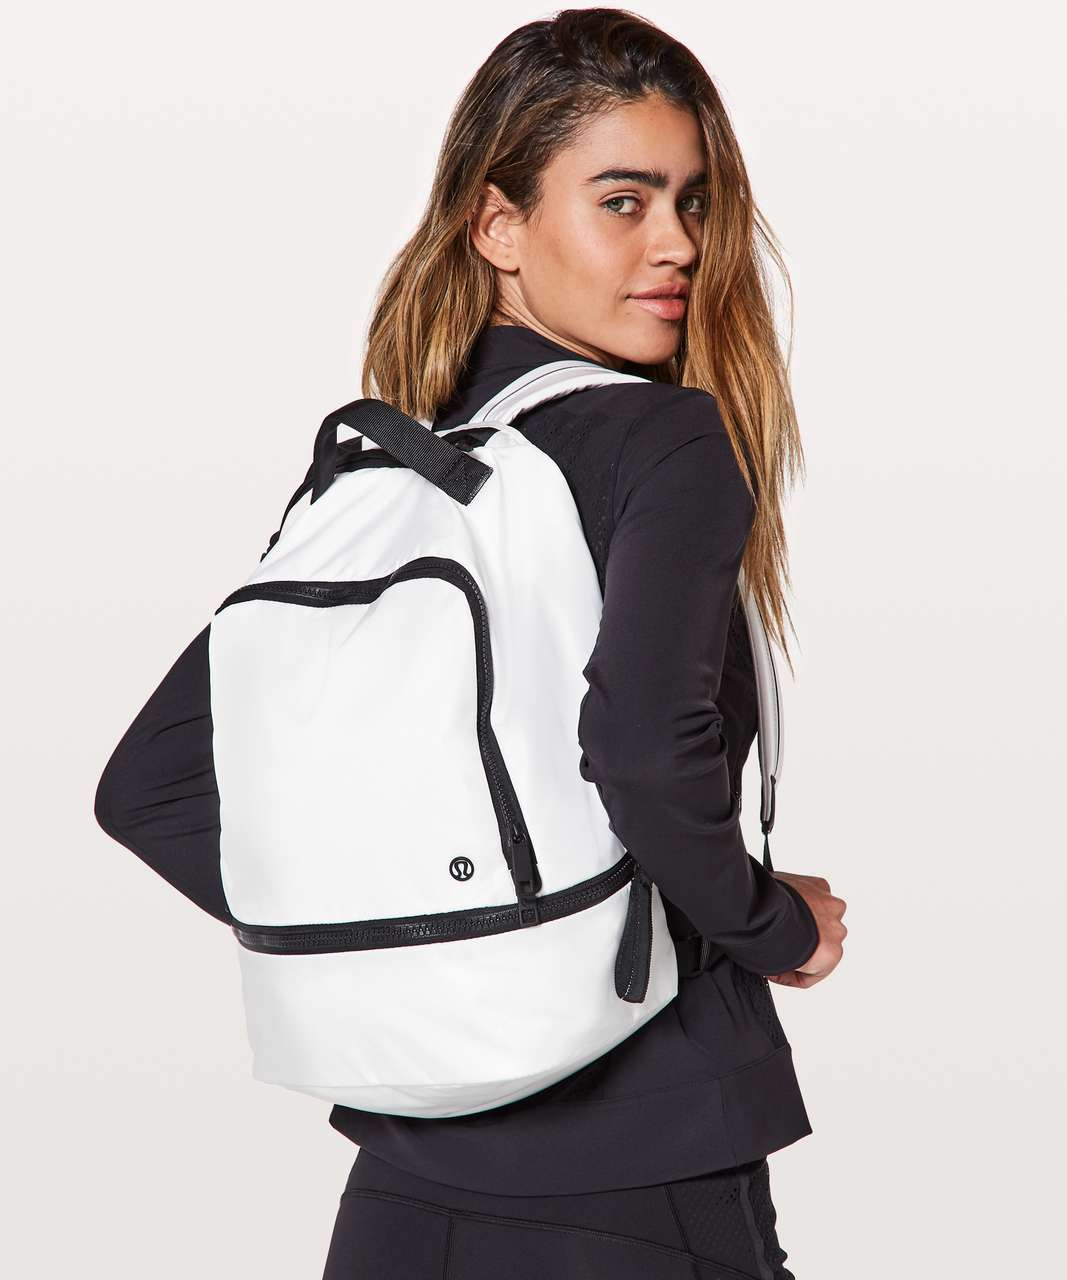 Lululemon City Adventurer Backpack *17L - White / Black